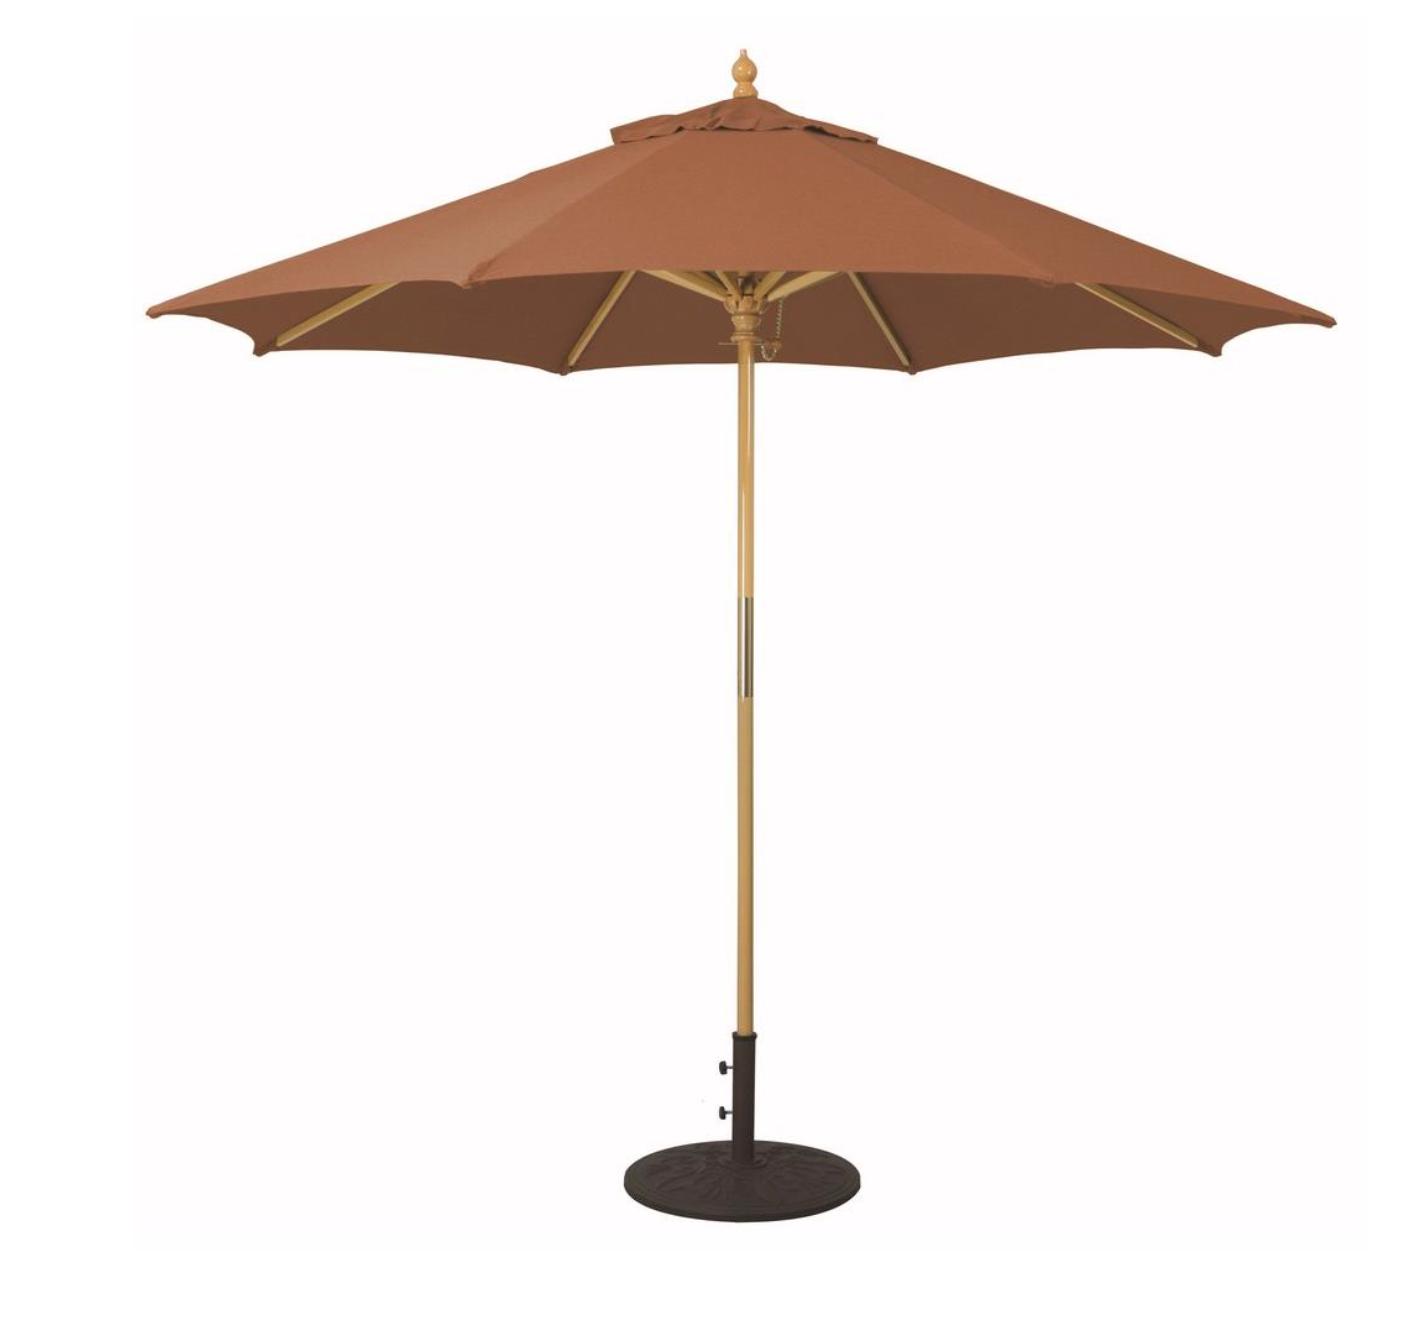 Greencorner Commercial Grade Patio Umbrella Parts List Umbrella